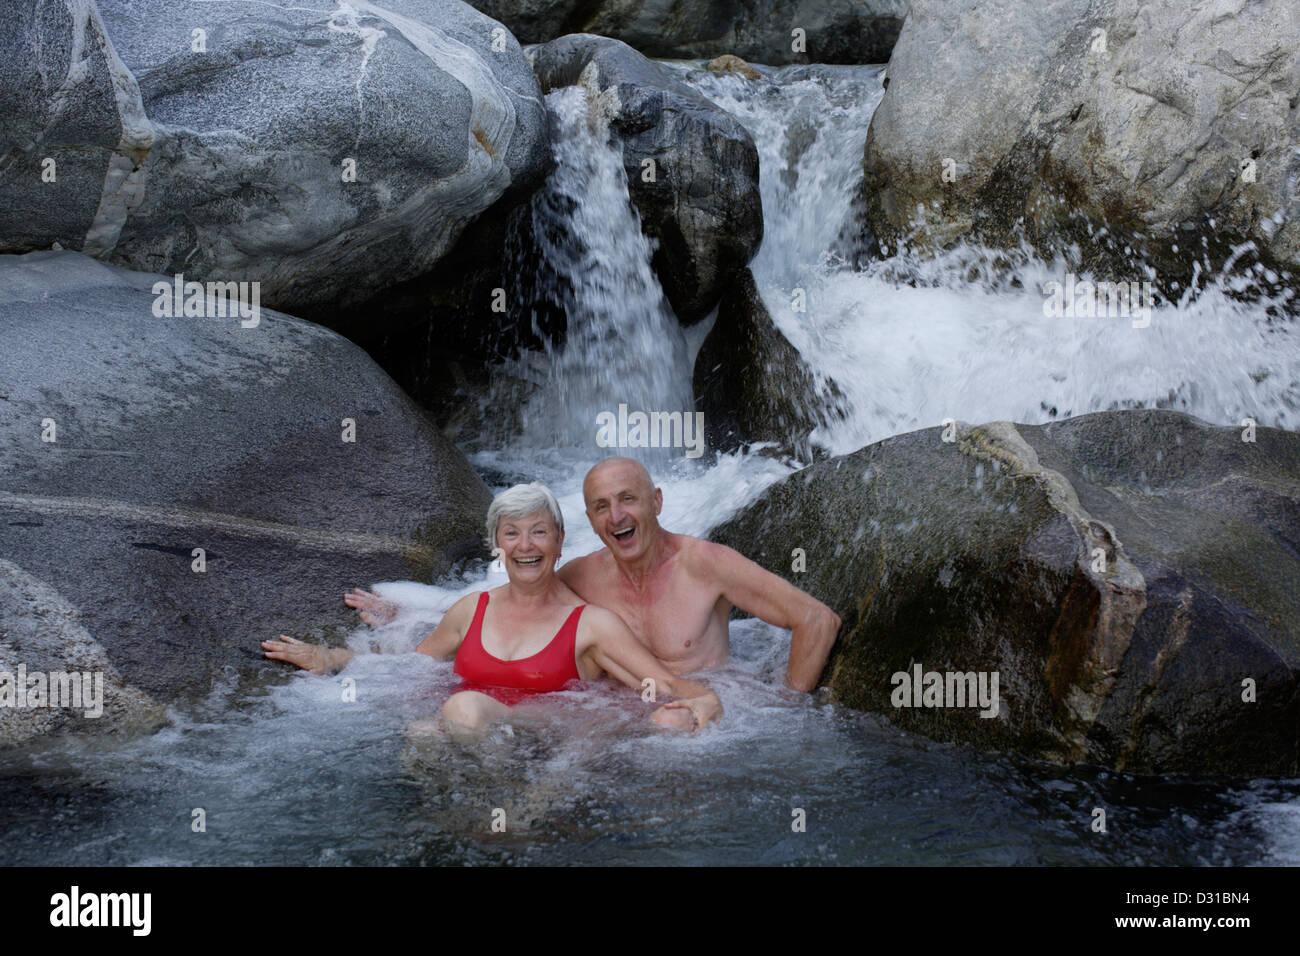 Senioren beim Baden im Bergfluss Stockbild